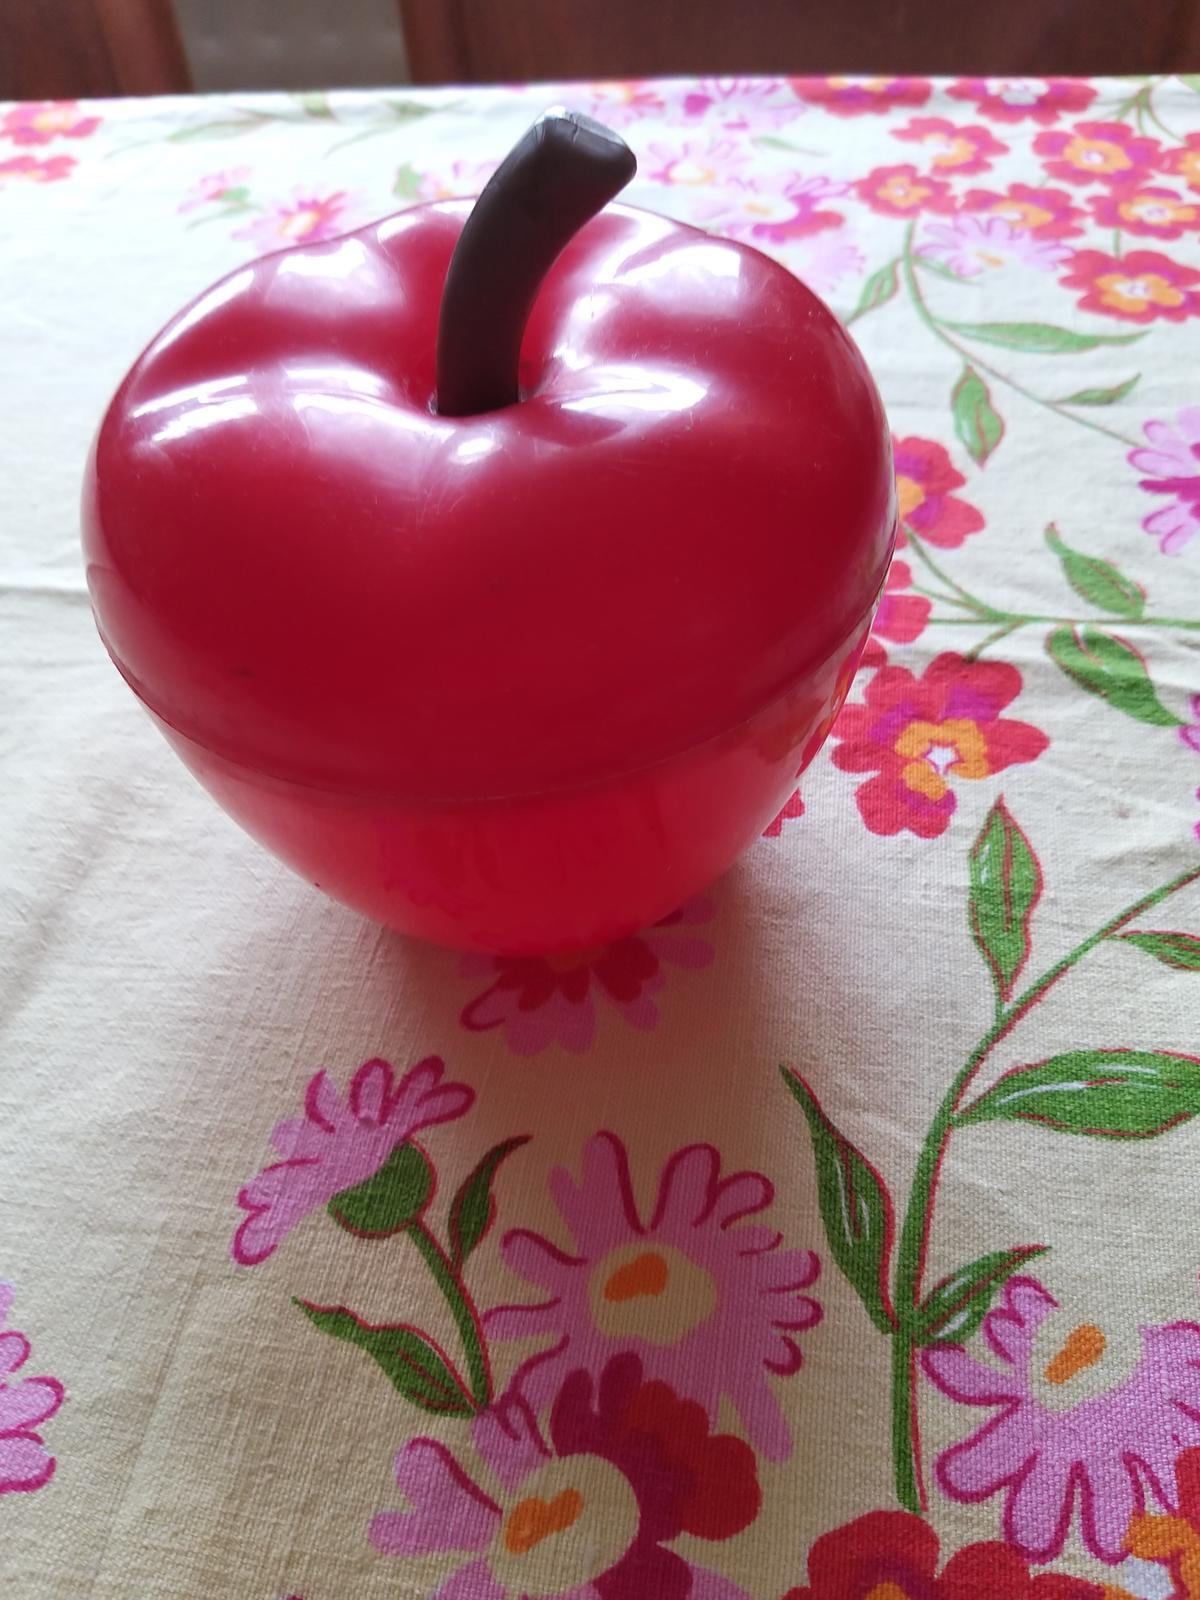 Jablko - Obrázok č. 1